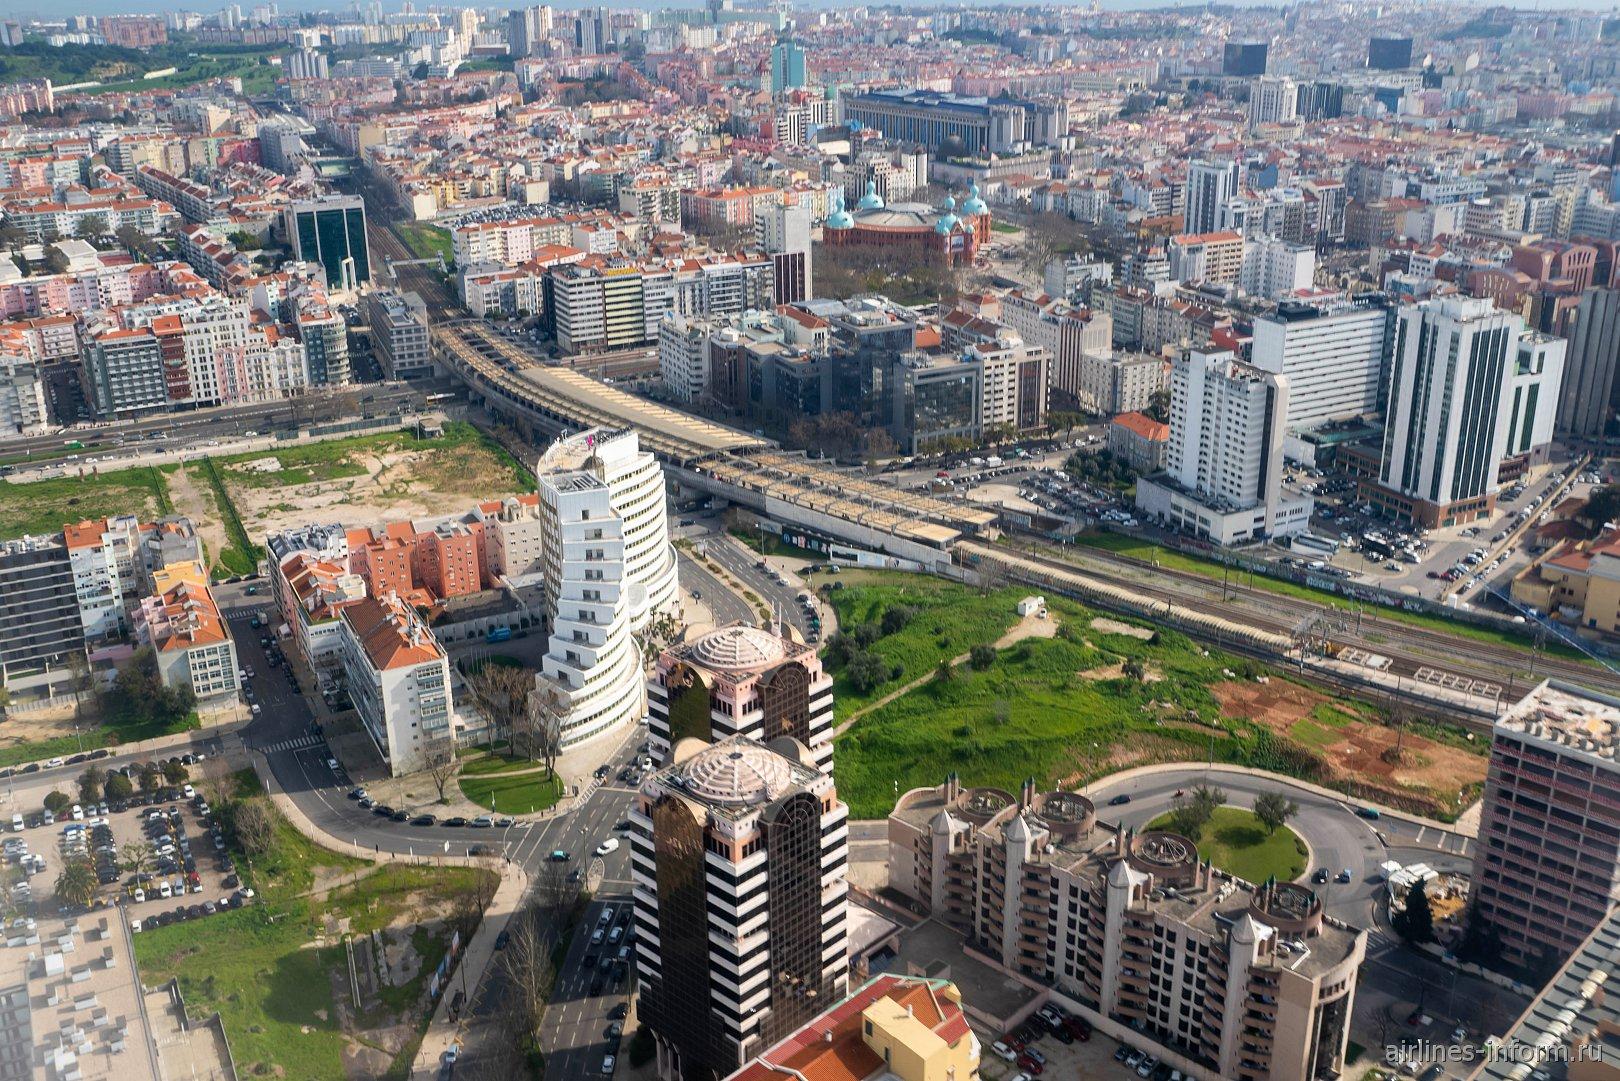 Современная застройка в пригородах Лиссабона